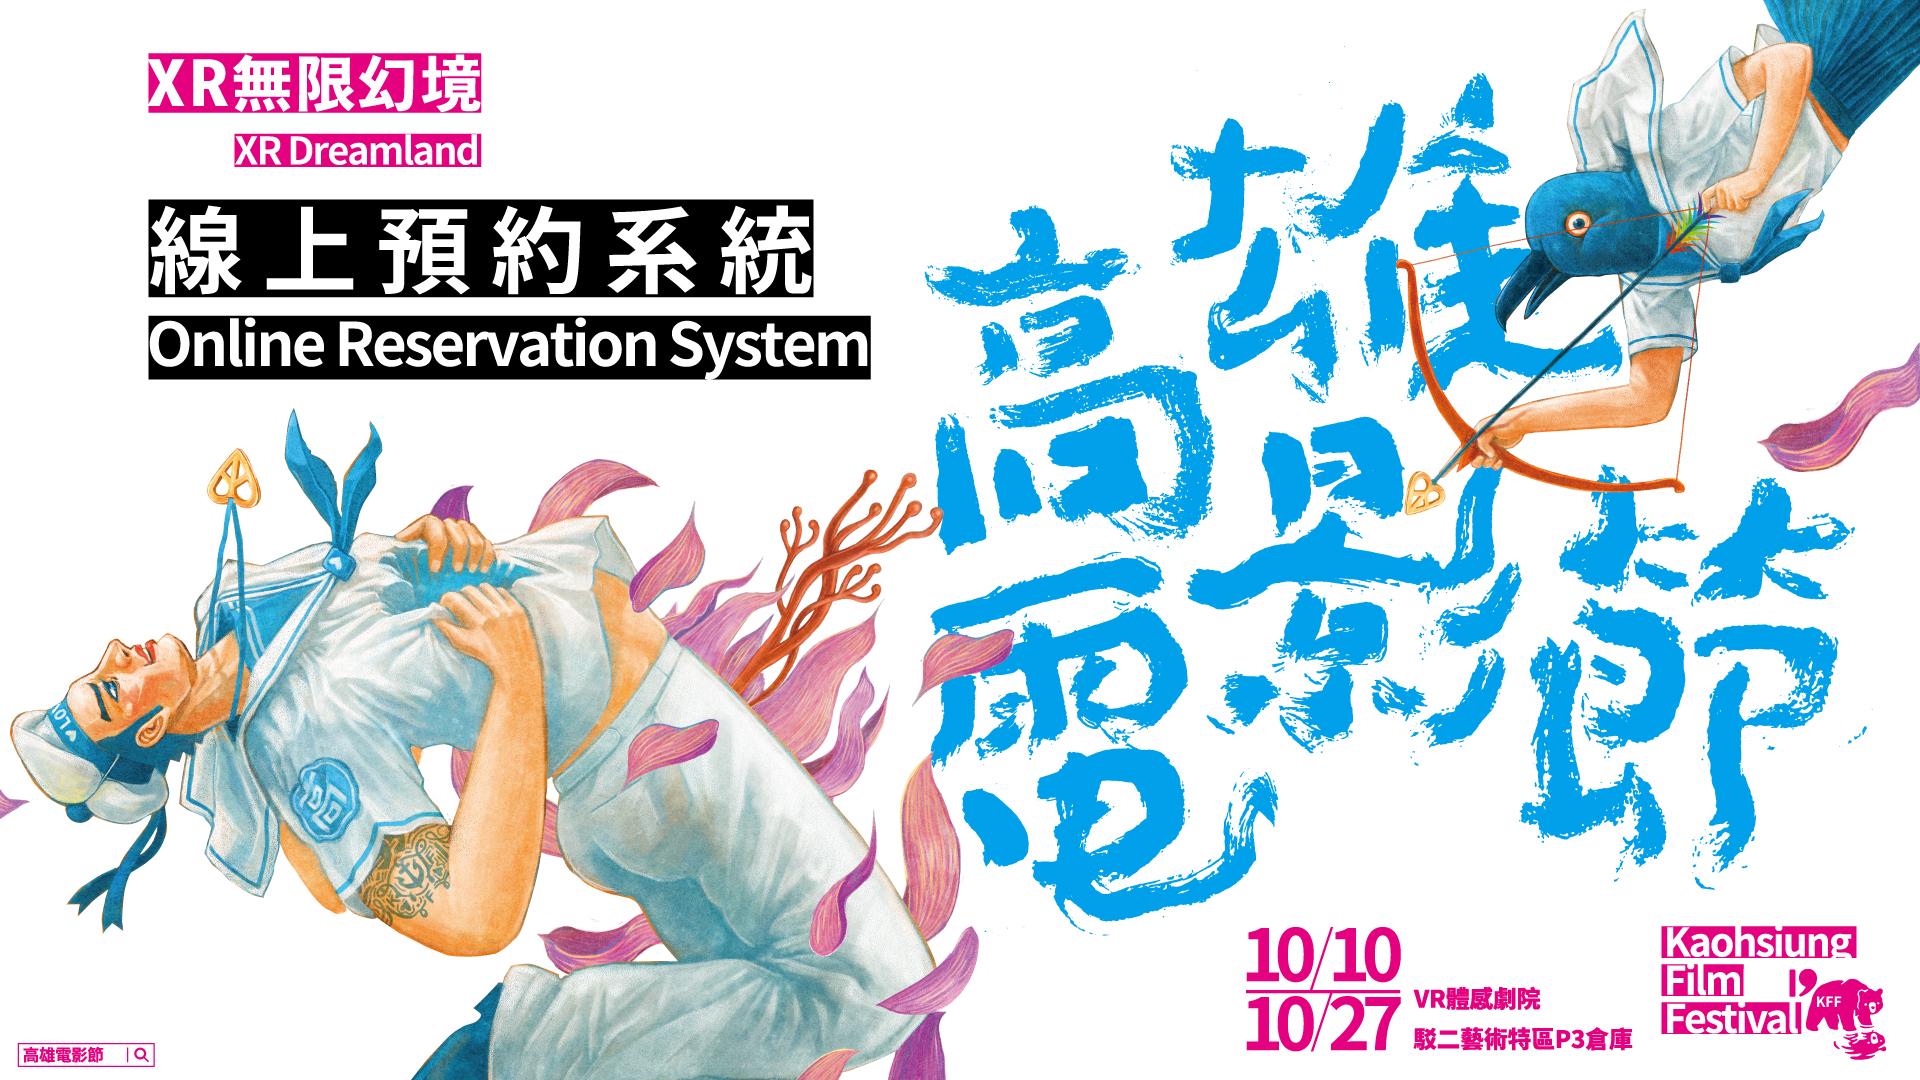 2019高雄電影節-XR無限幻境節目預約開放公告